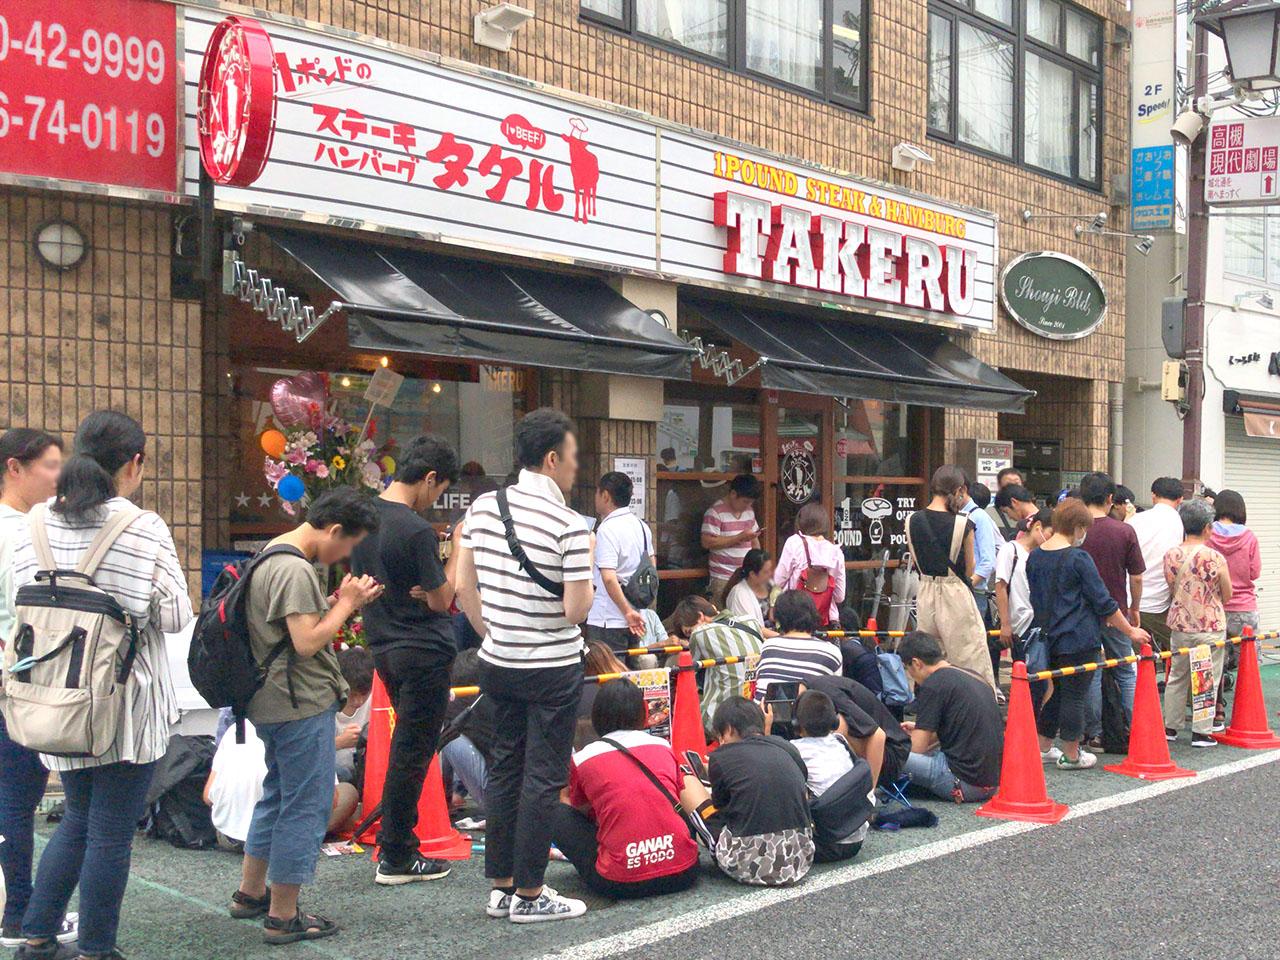 1ポンドのステーキハンバーグ「タケル」高槻店オープン